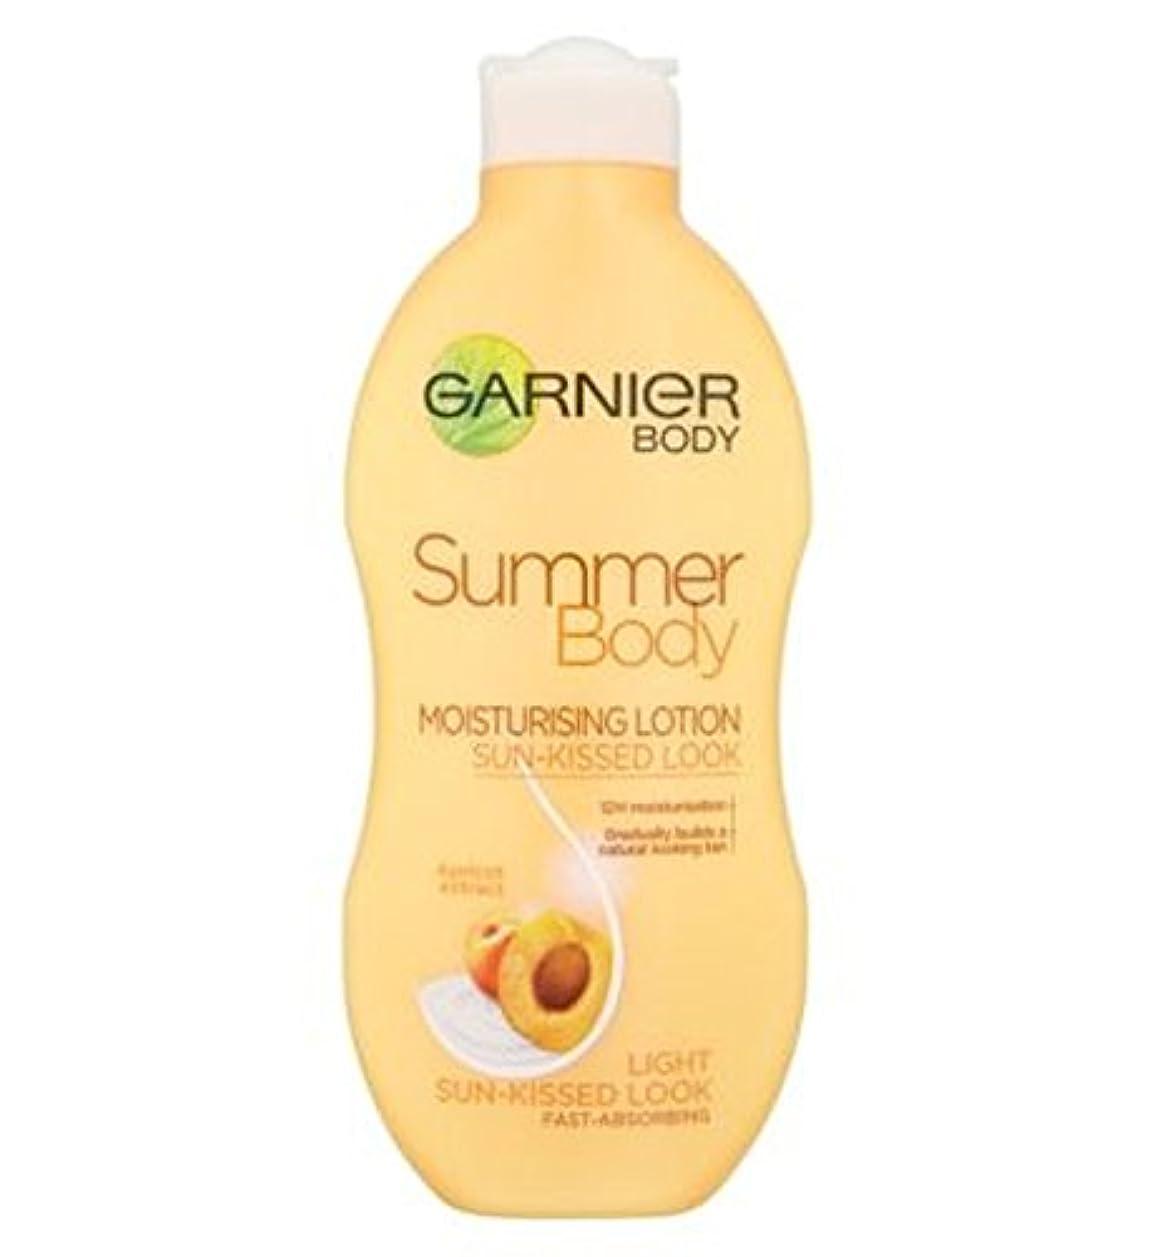 リボン簡略化する化粧Garnier Summer Body Lotion Light Sun-Kissed 250ml - ガルニエの夏のボディローションライト日、キスをした250ミリリットル (Garnier) [並行輸入品]